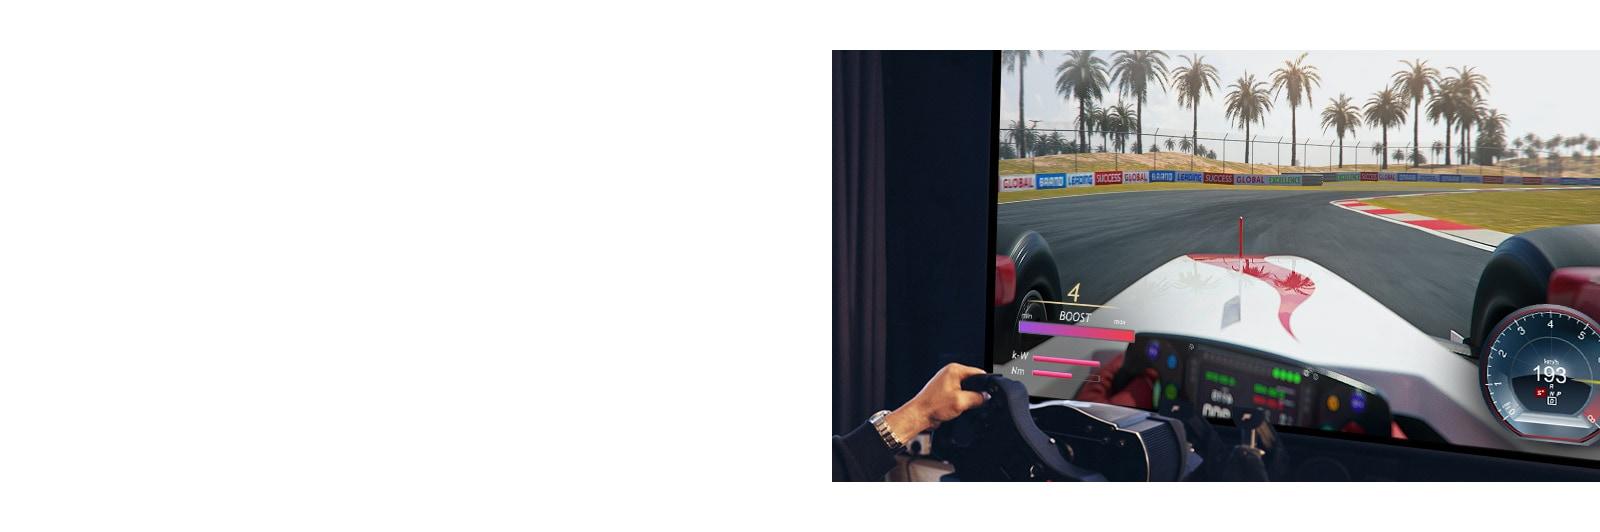 Prikaz izbliza igrača koji drži volan za utrku dok igra videoigru s utrkama na zaslonu televizora.